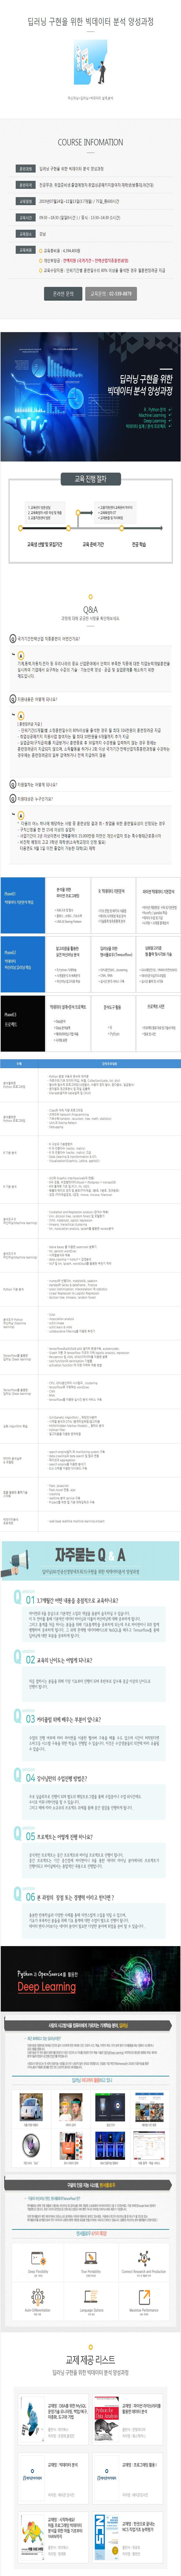 에이콘딥러닝(강남.7월24일~3.7개월).jpg